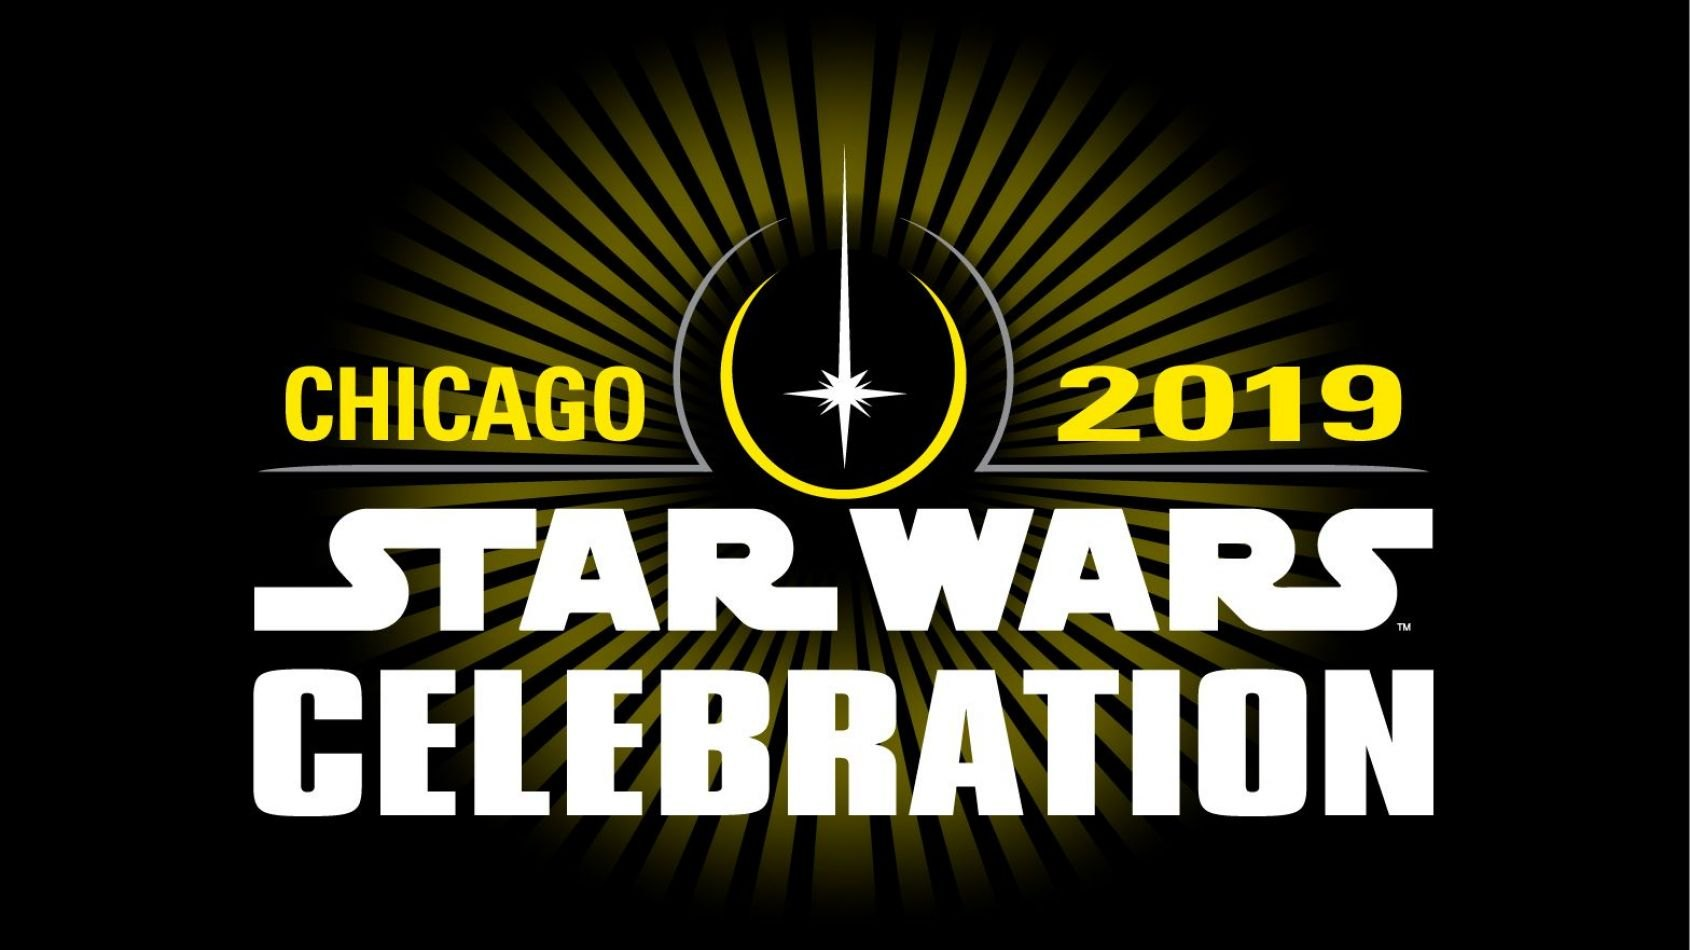 Les détails sur les billets de Star Wars Celebration Chicago en 2019 !